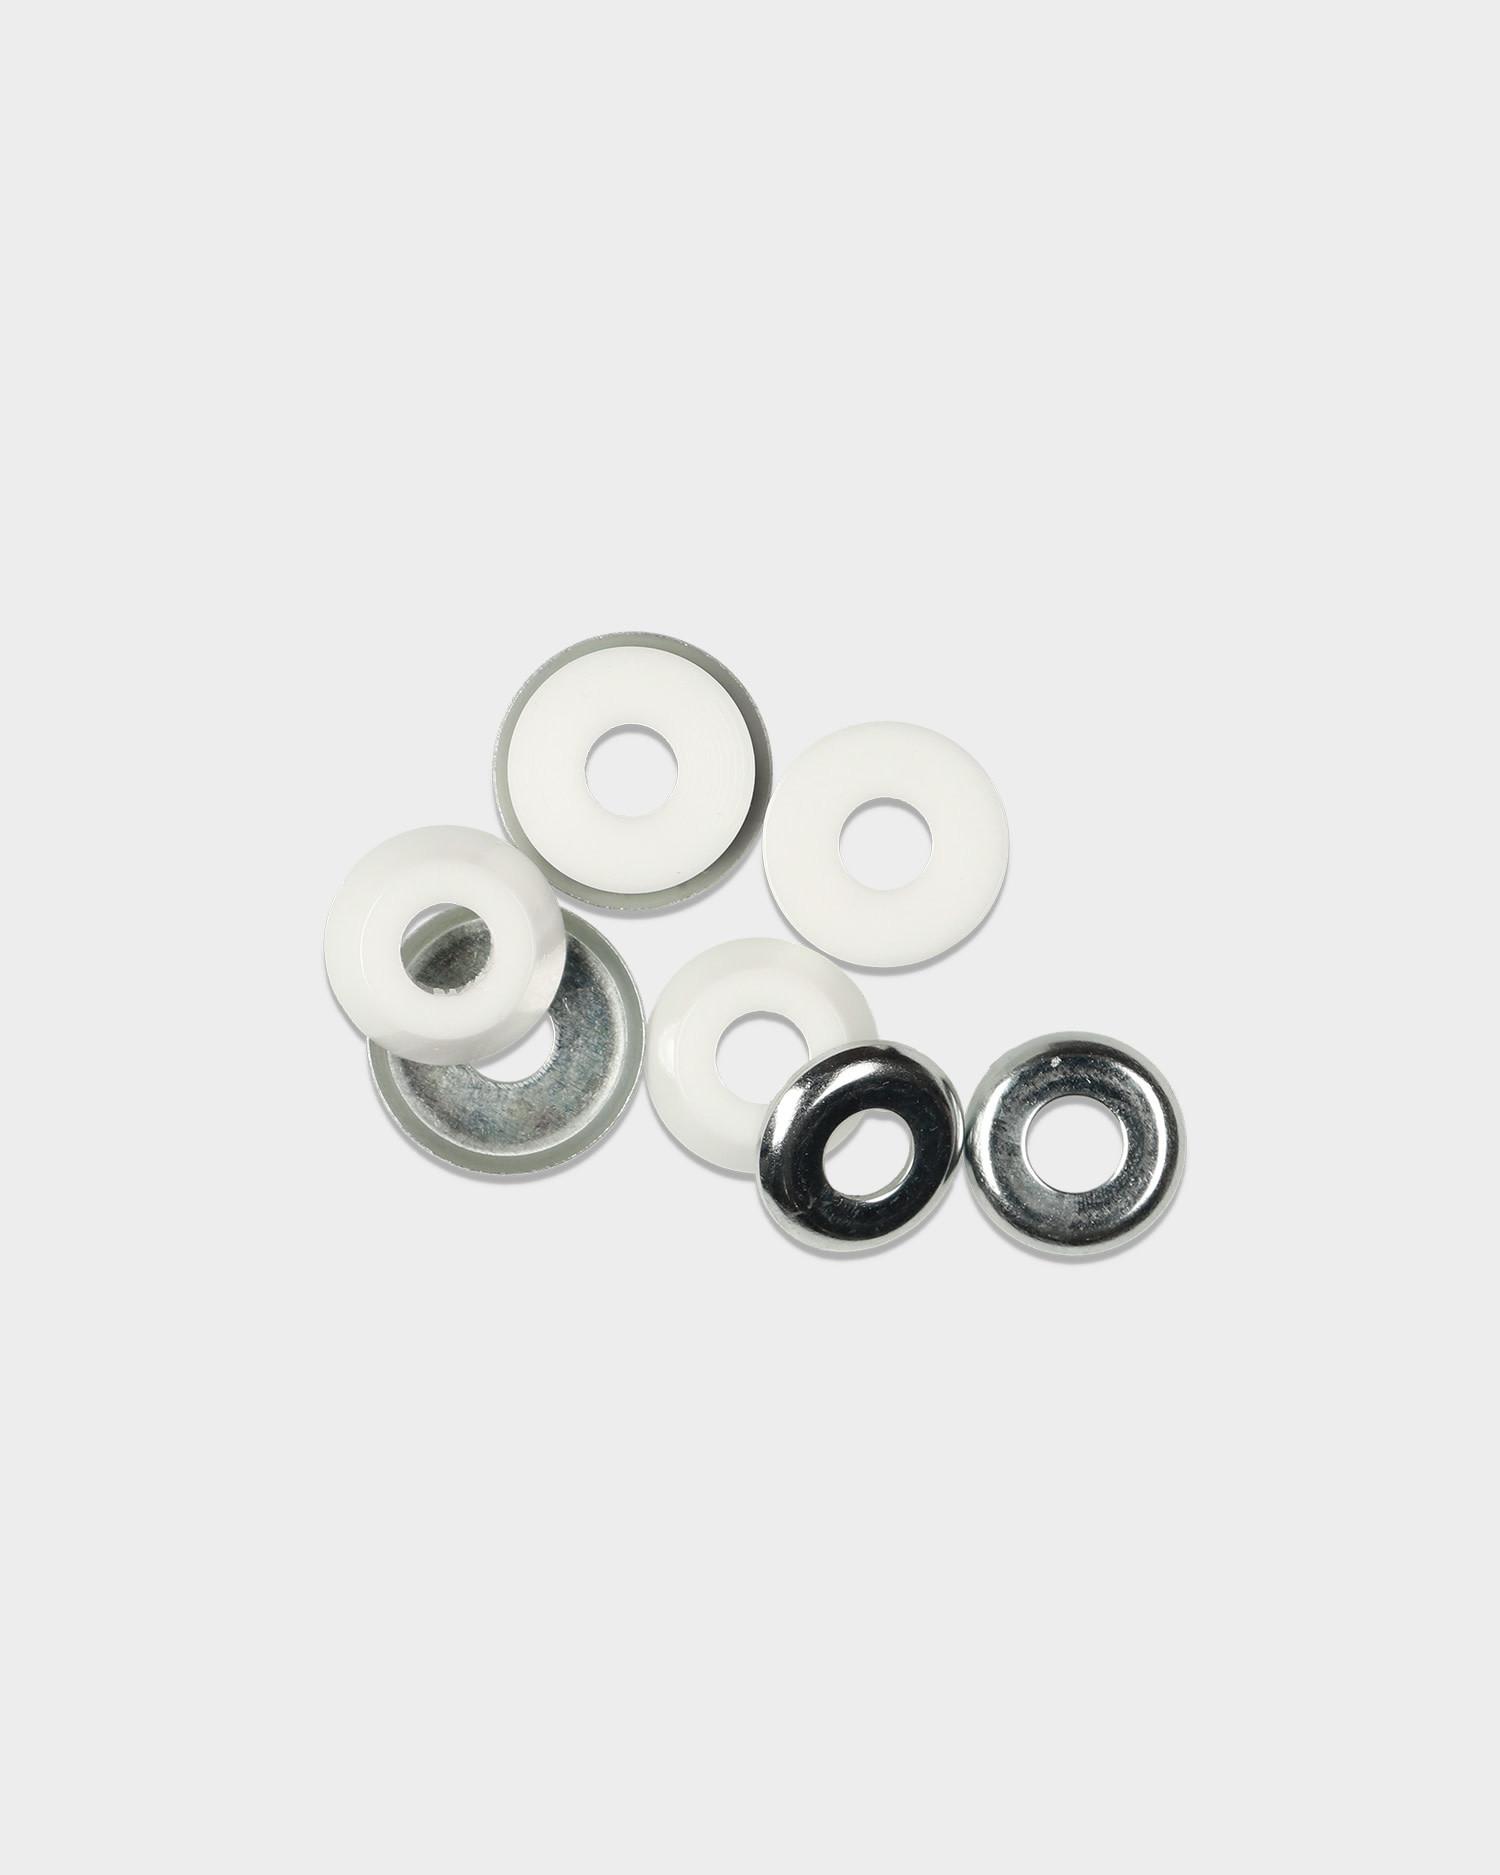 Independent Standard Cylinder Super Soft 78 Bushings